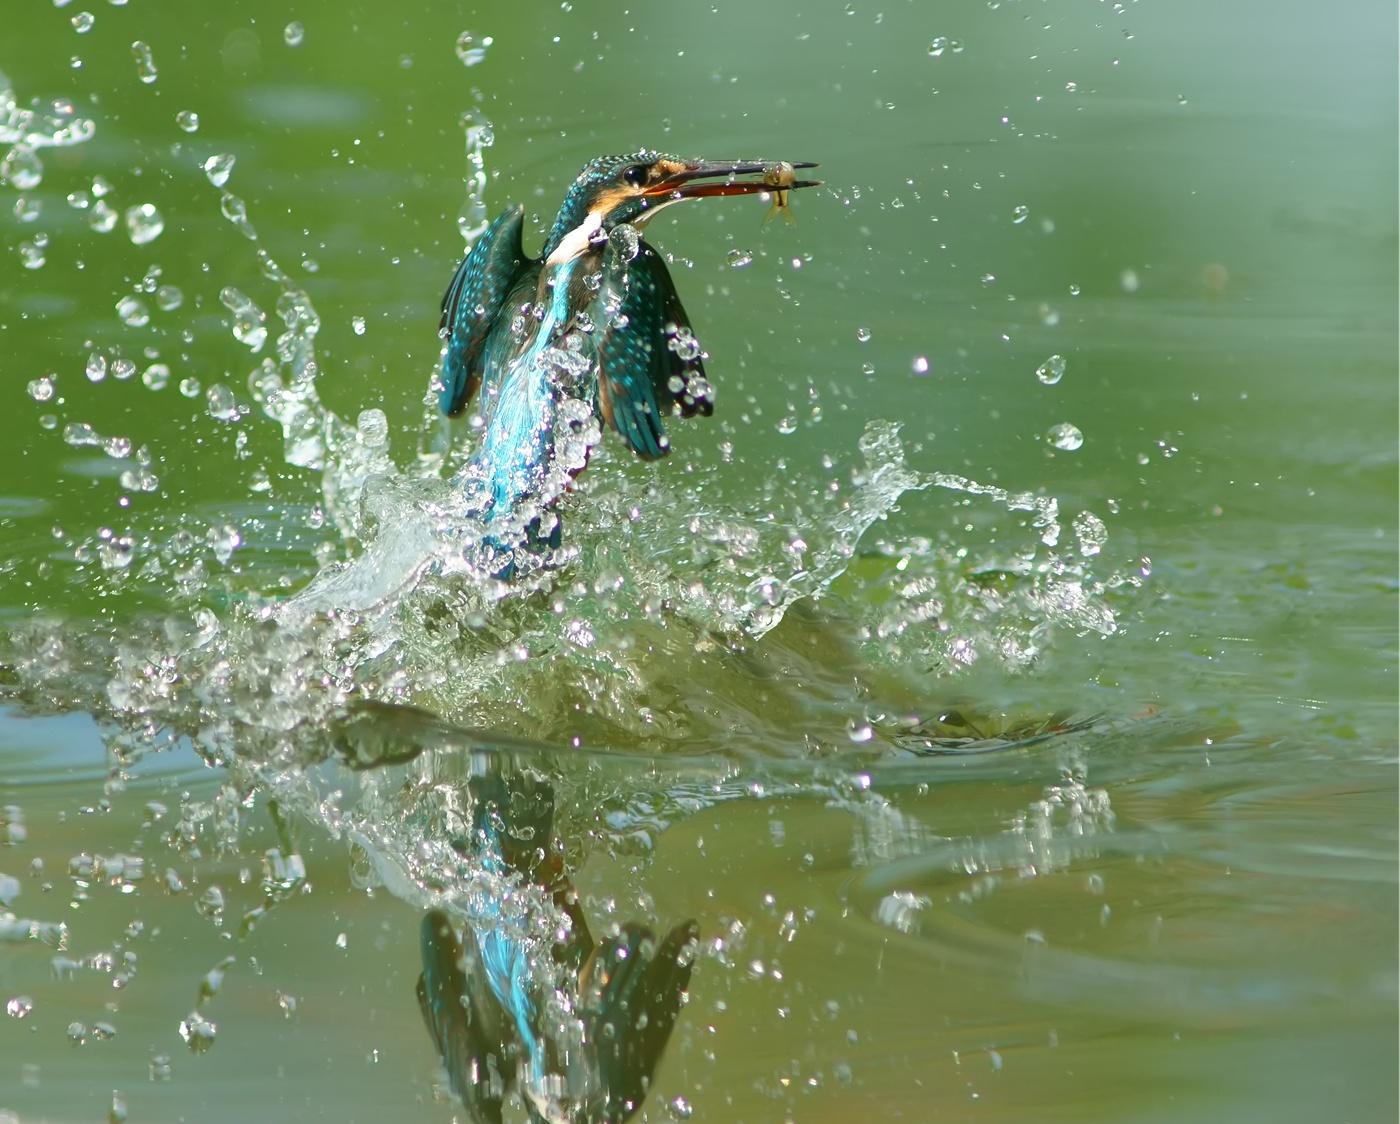 bucy090作品:出水的翠鸟